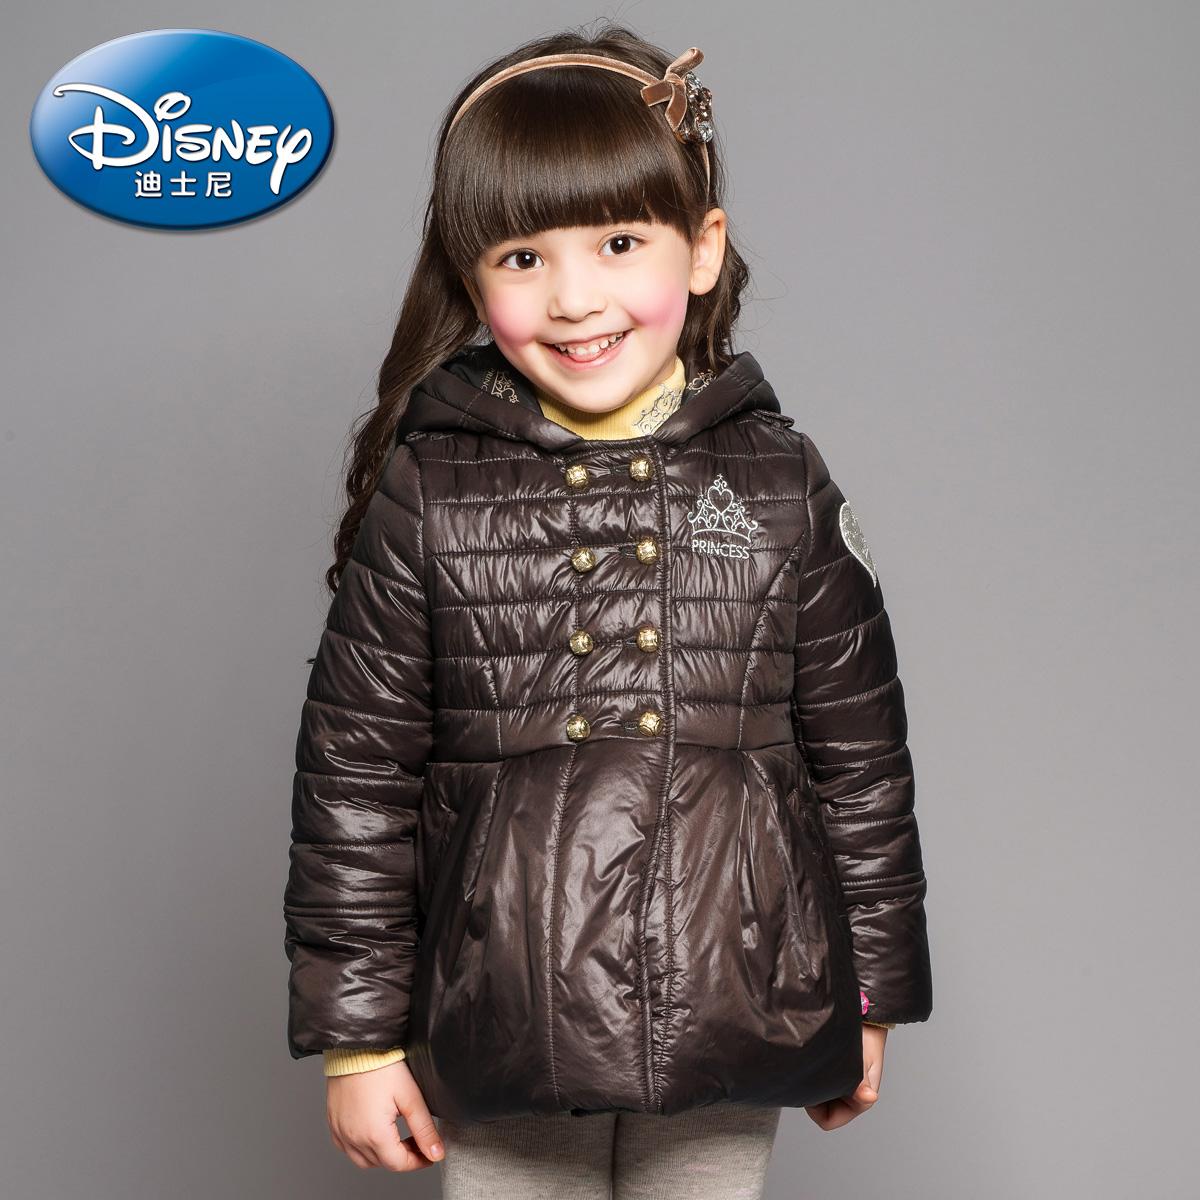 детская верхняя одежда Disney rd311013 2013